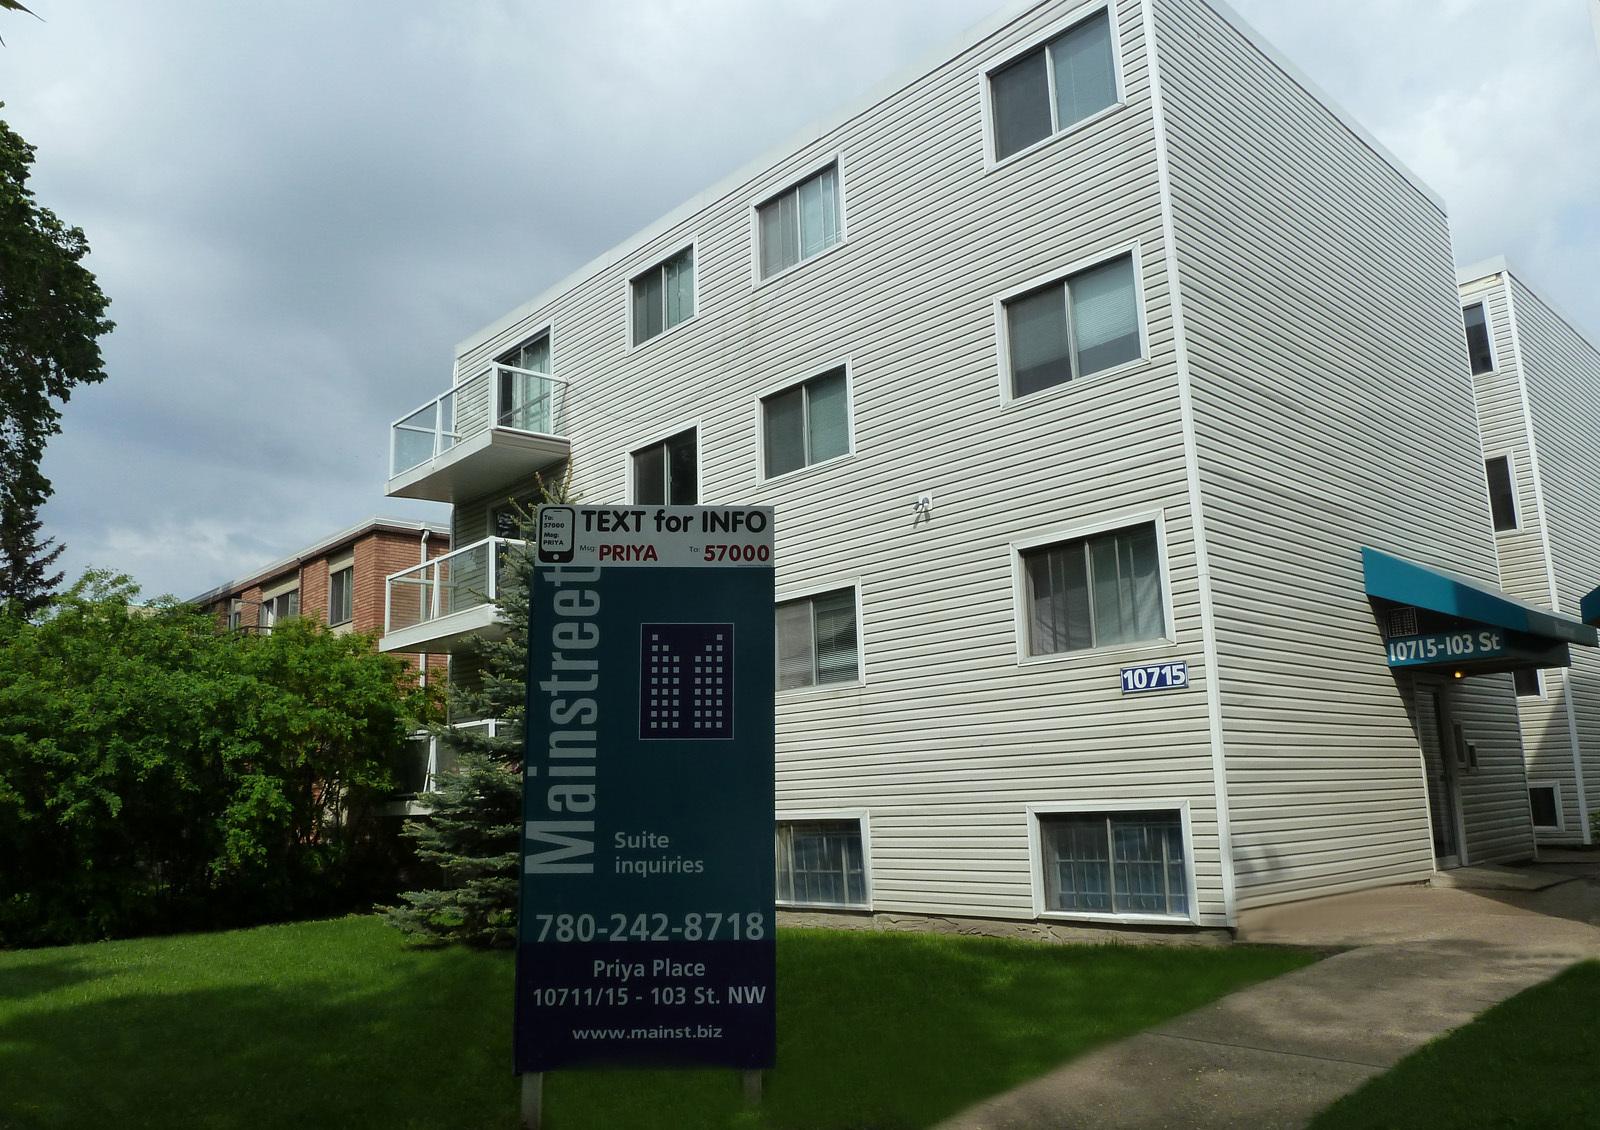 10715 103 Street NW, Edmonton, AB - $800